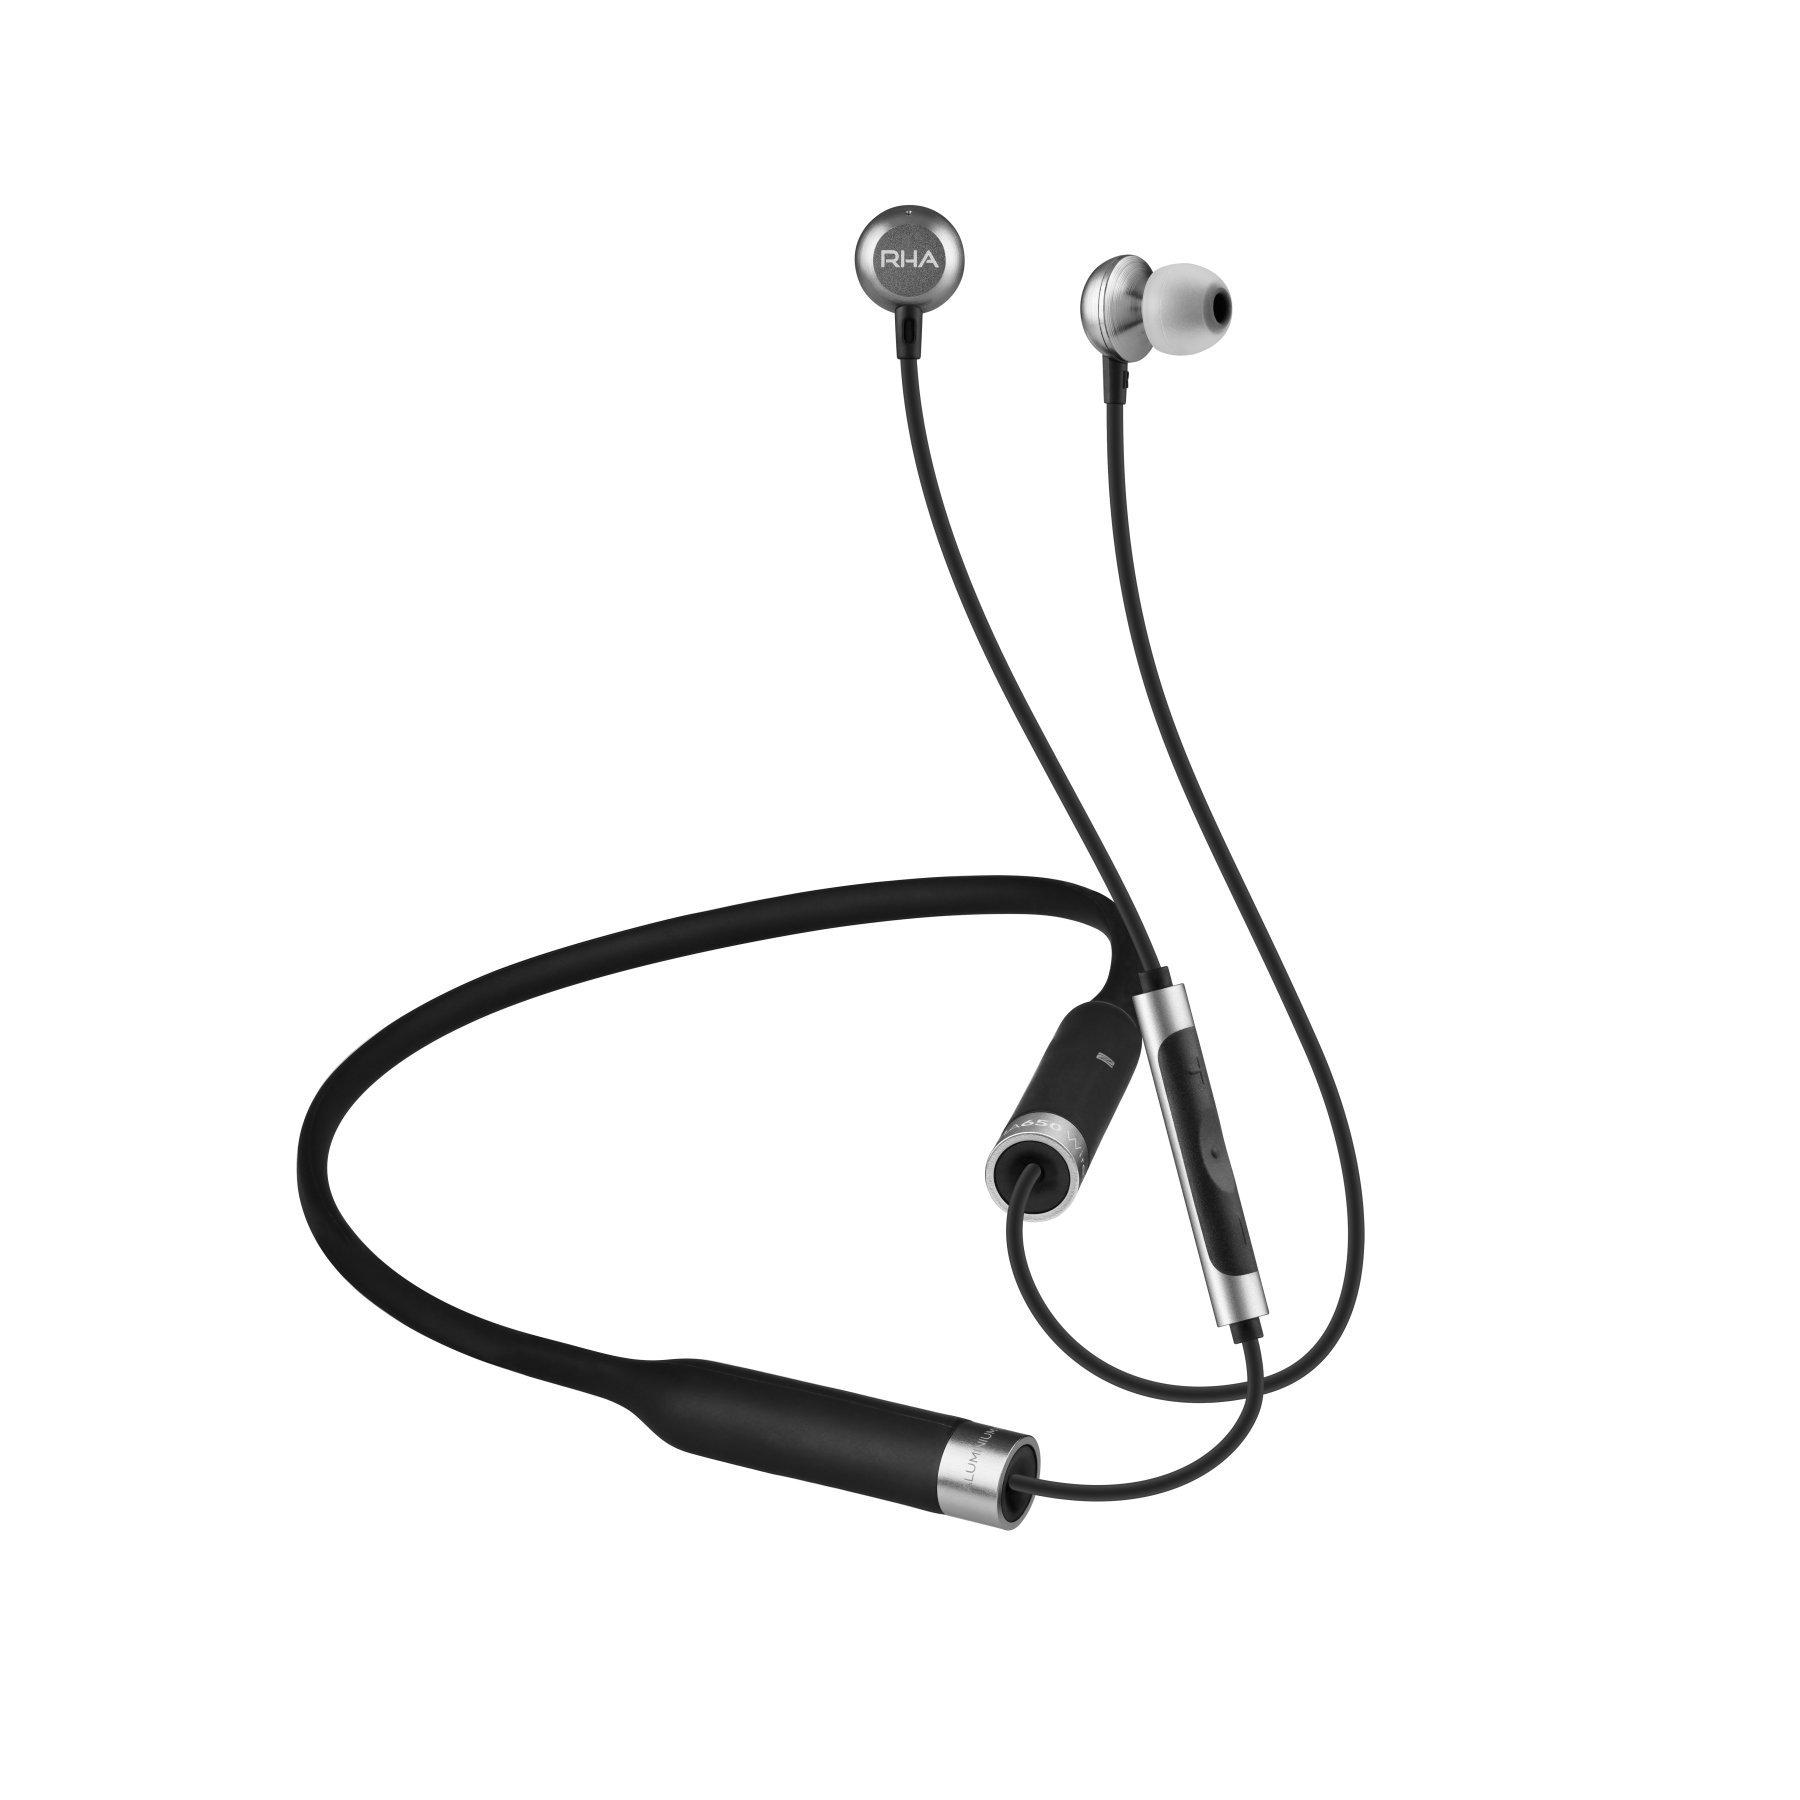 RHA Wireless Earphones Headphone (MA650 Wireless)